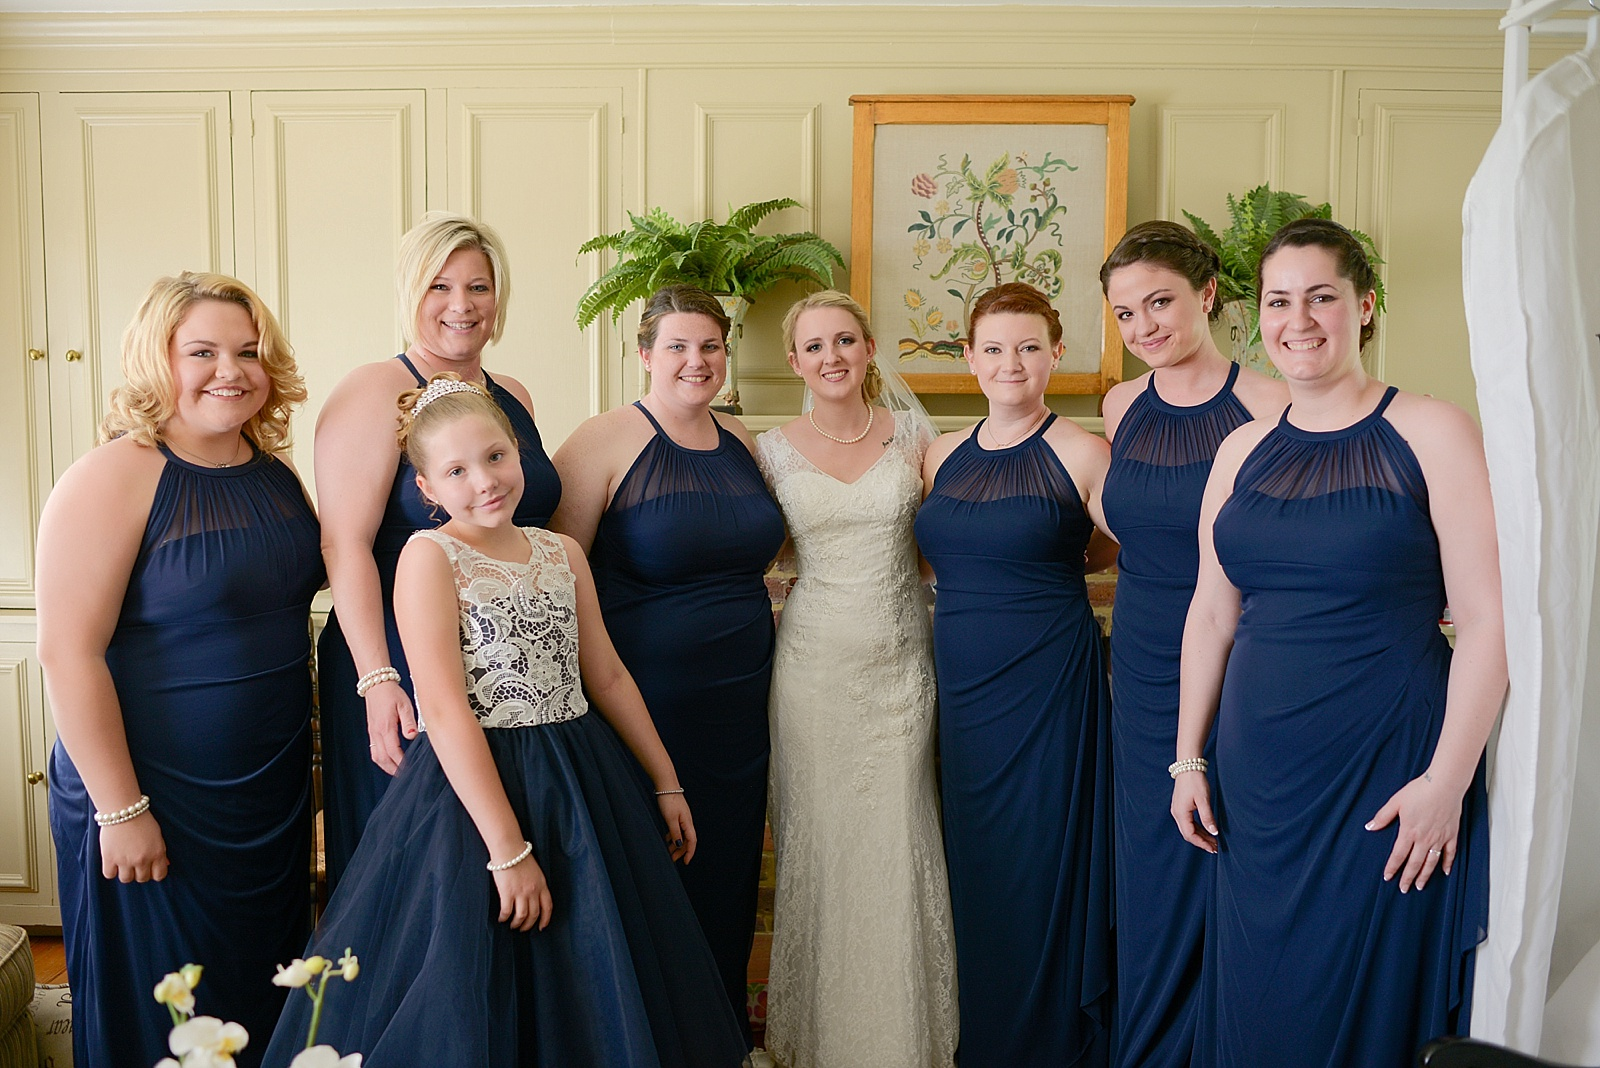 vintager-inn-wedding_0012.jpg